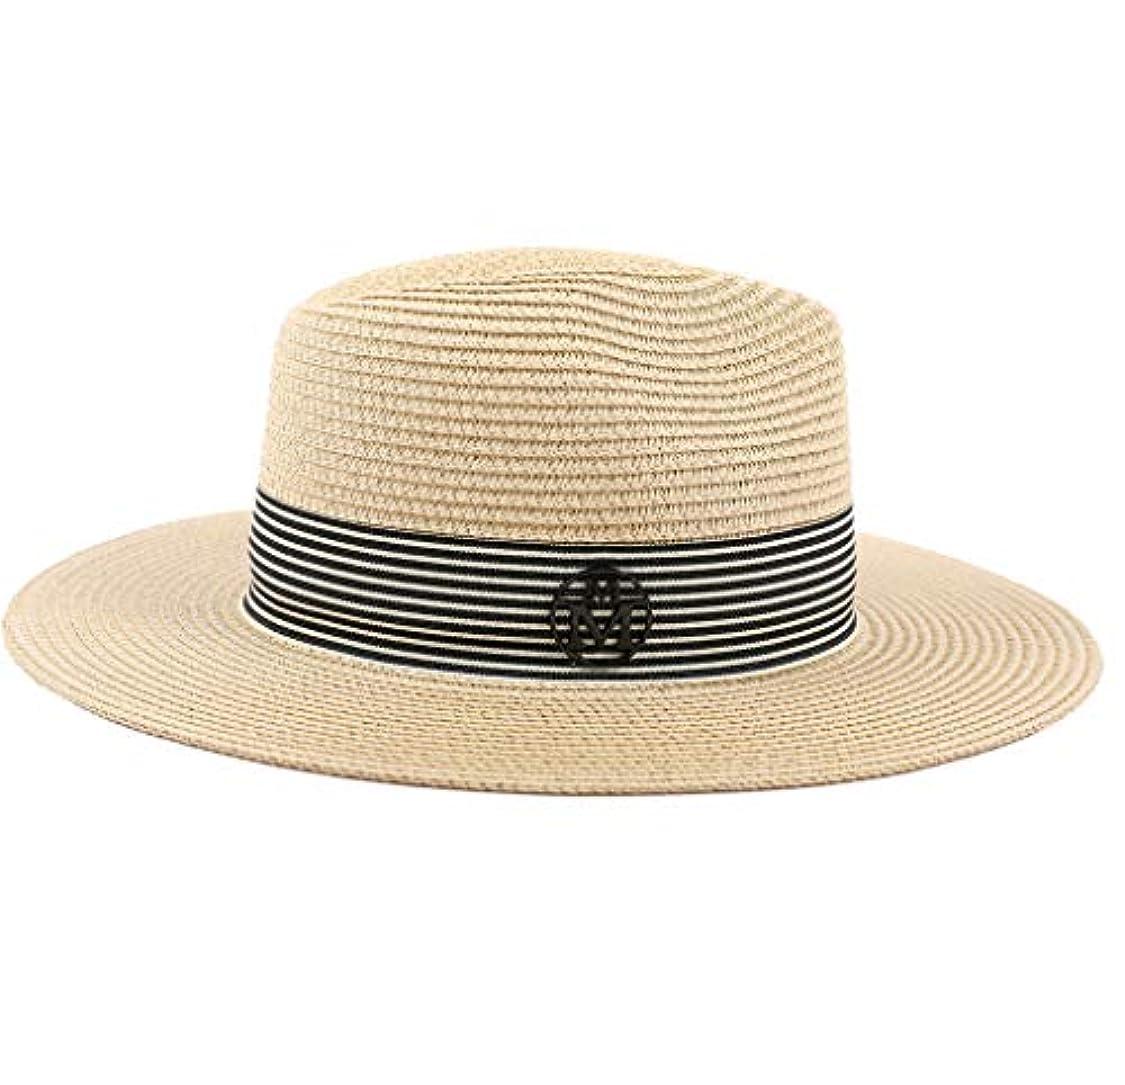 かりて夕食を作る金属女性 帽子 レディース 麦わら帽子 UVカット 帽子 キャップ アウトドア カジュアル スタイル 春夏 ニット帽 日よけ 帽子 レディース つば広 ハット日よけ 折りたたみ 紫外線対策 キャスケット 男女兼用 ROSE ROMAN